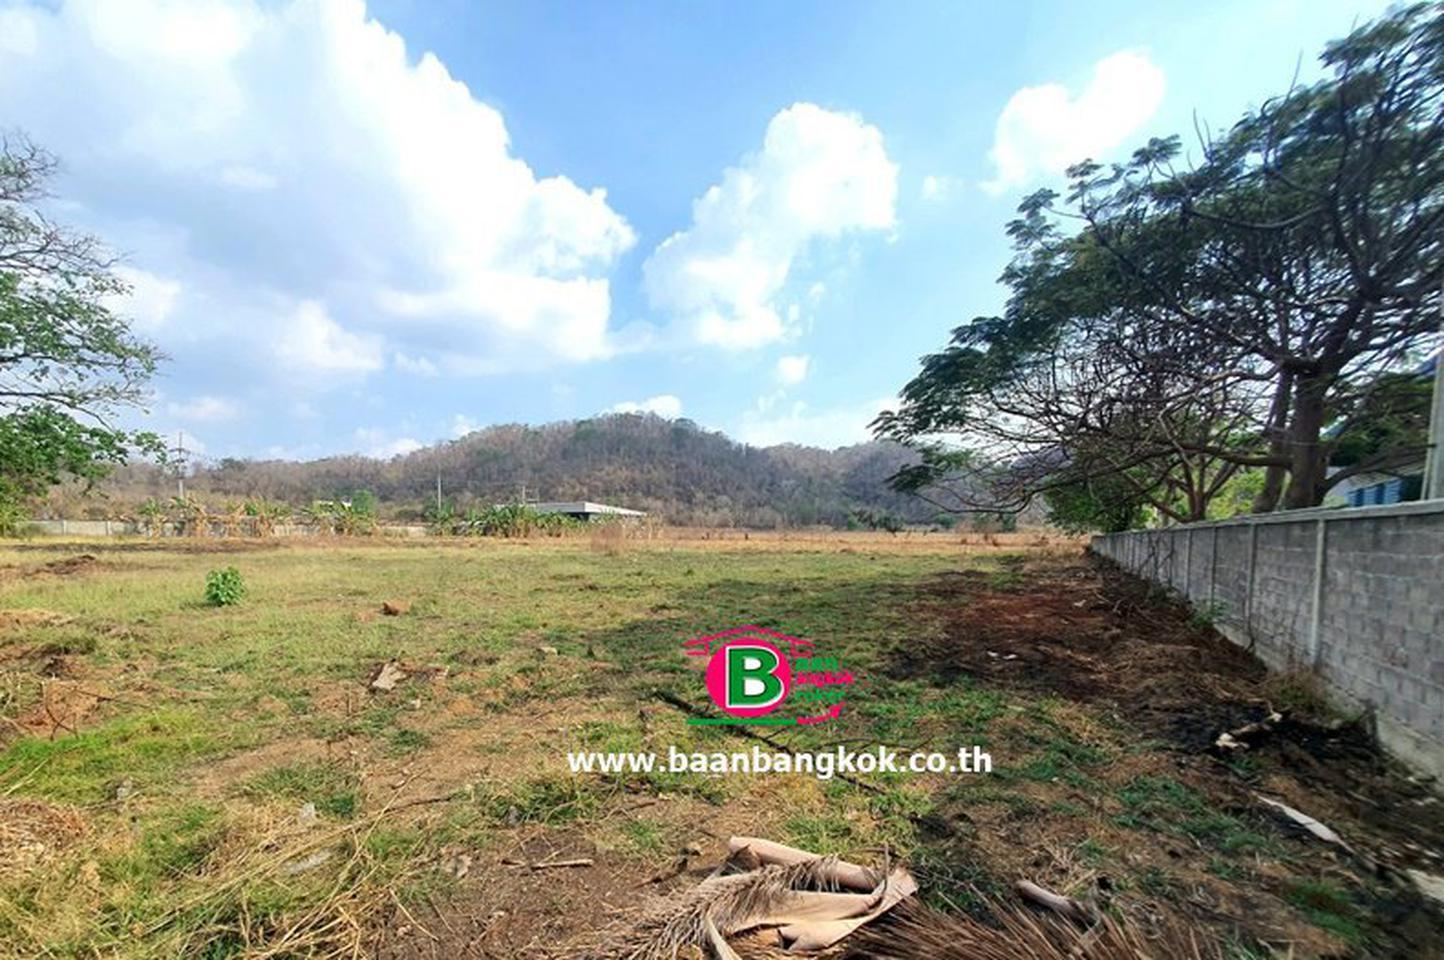 ที่ดินเปล่า 5-1-37 ไร่ แก่งคอย สระบุรี หน้ากว้างประมาณ 86 M x 100 M เป็นพื้นที่สีเขียว ทำโรงงานที่เกี่ยวข้องกับการเกษตร รูปที่ 5